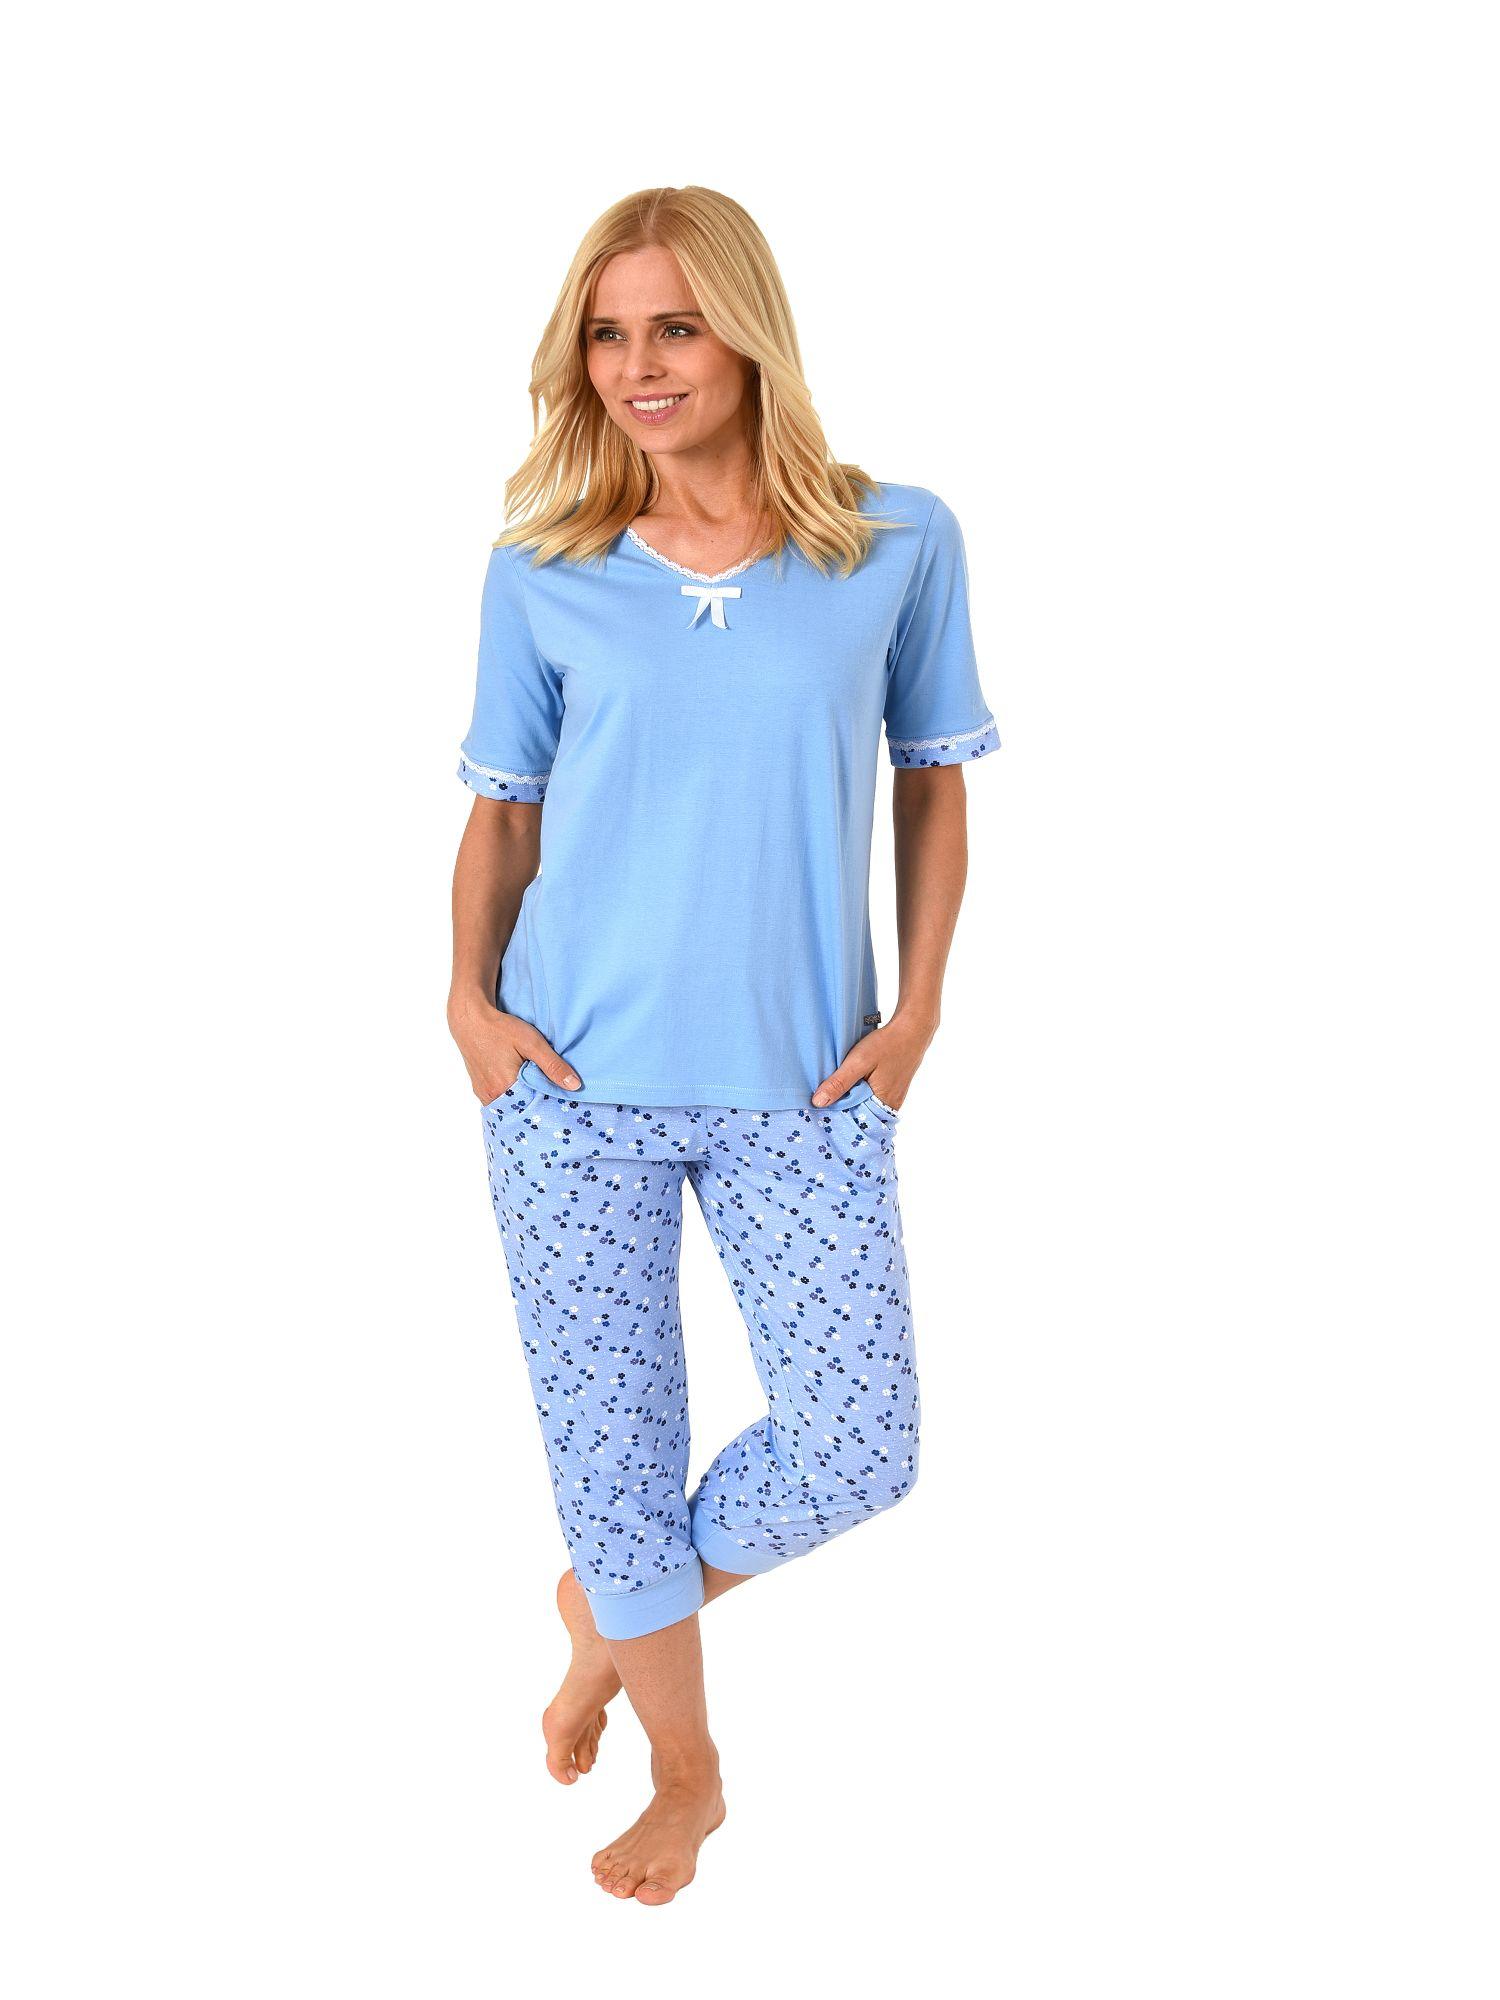 Damen Capri Schlafanzug Pyjama kurzarm mit Spitze und ¾ langer Caprihose 181 204 90 214